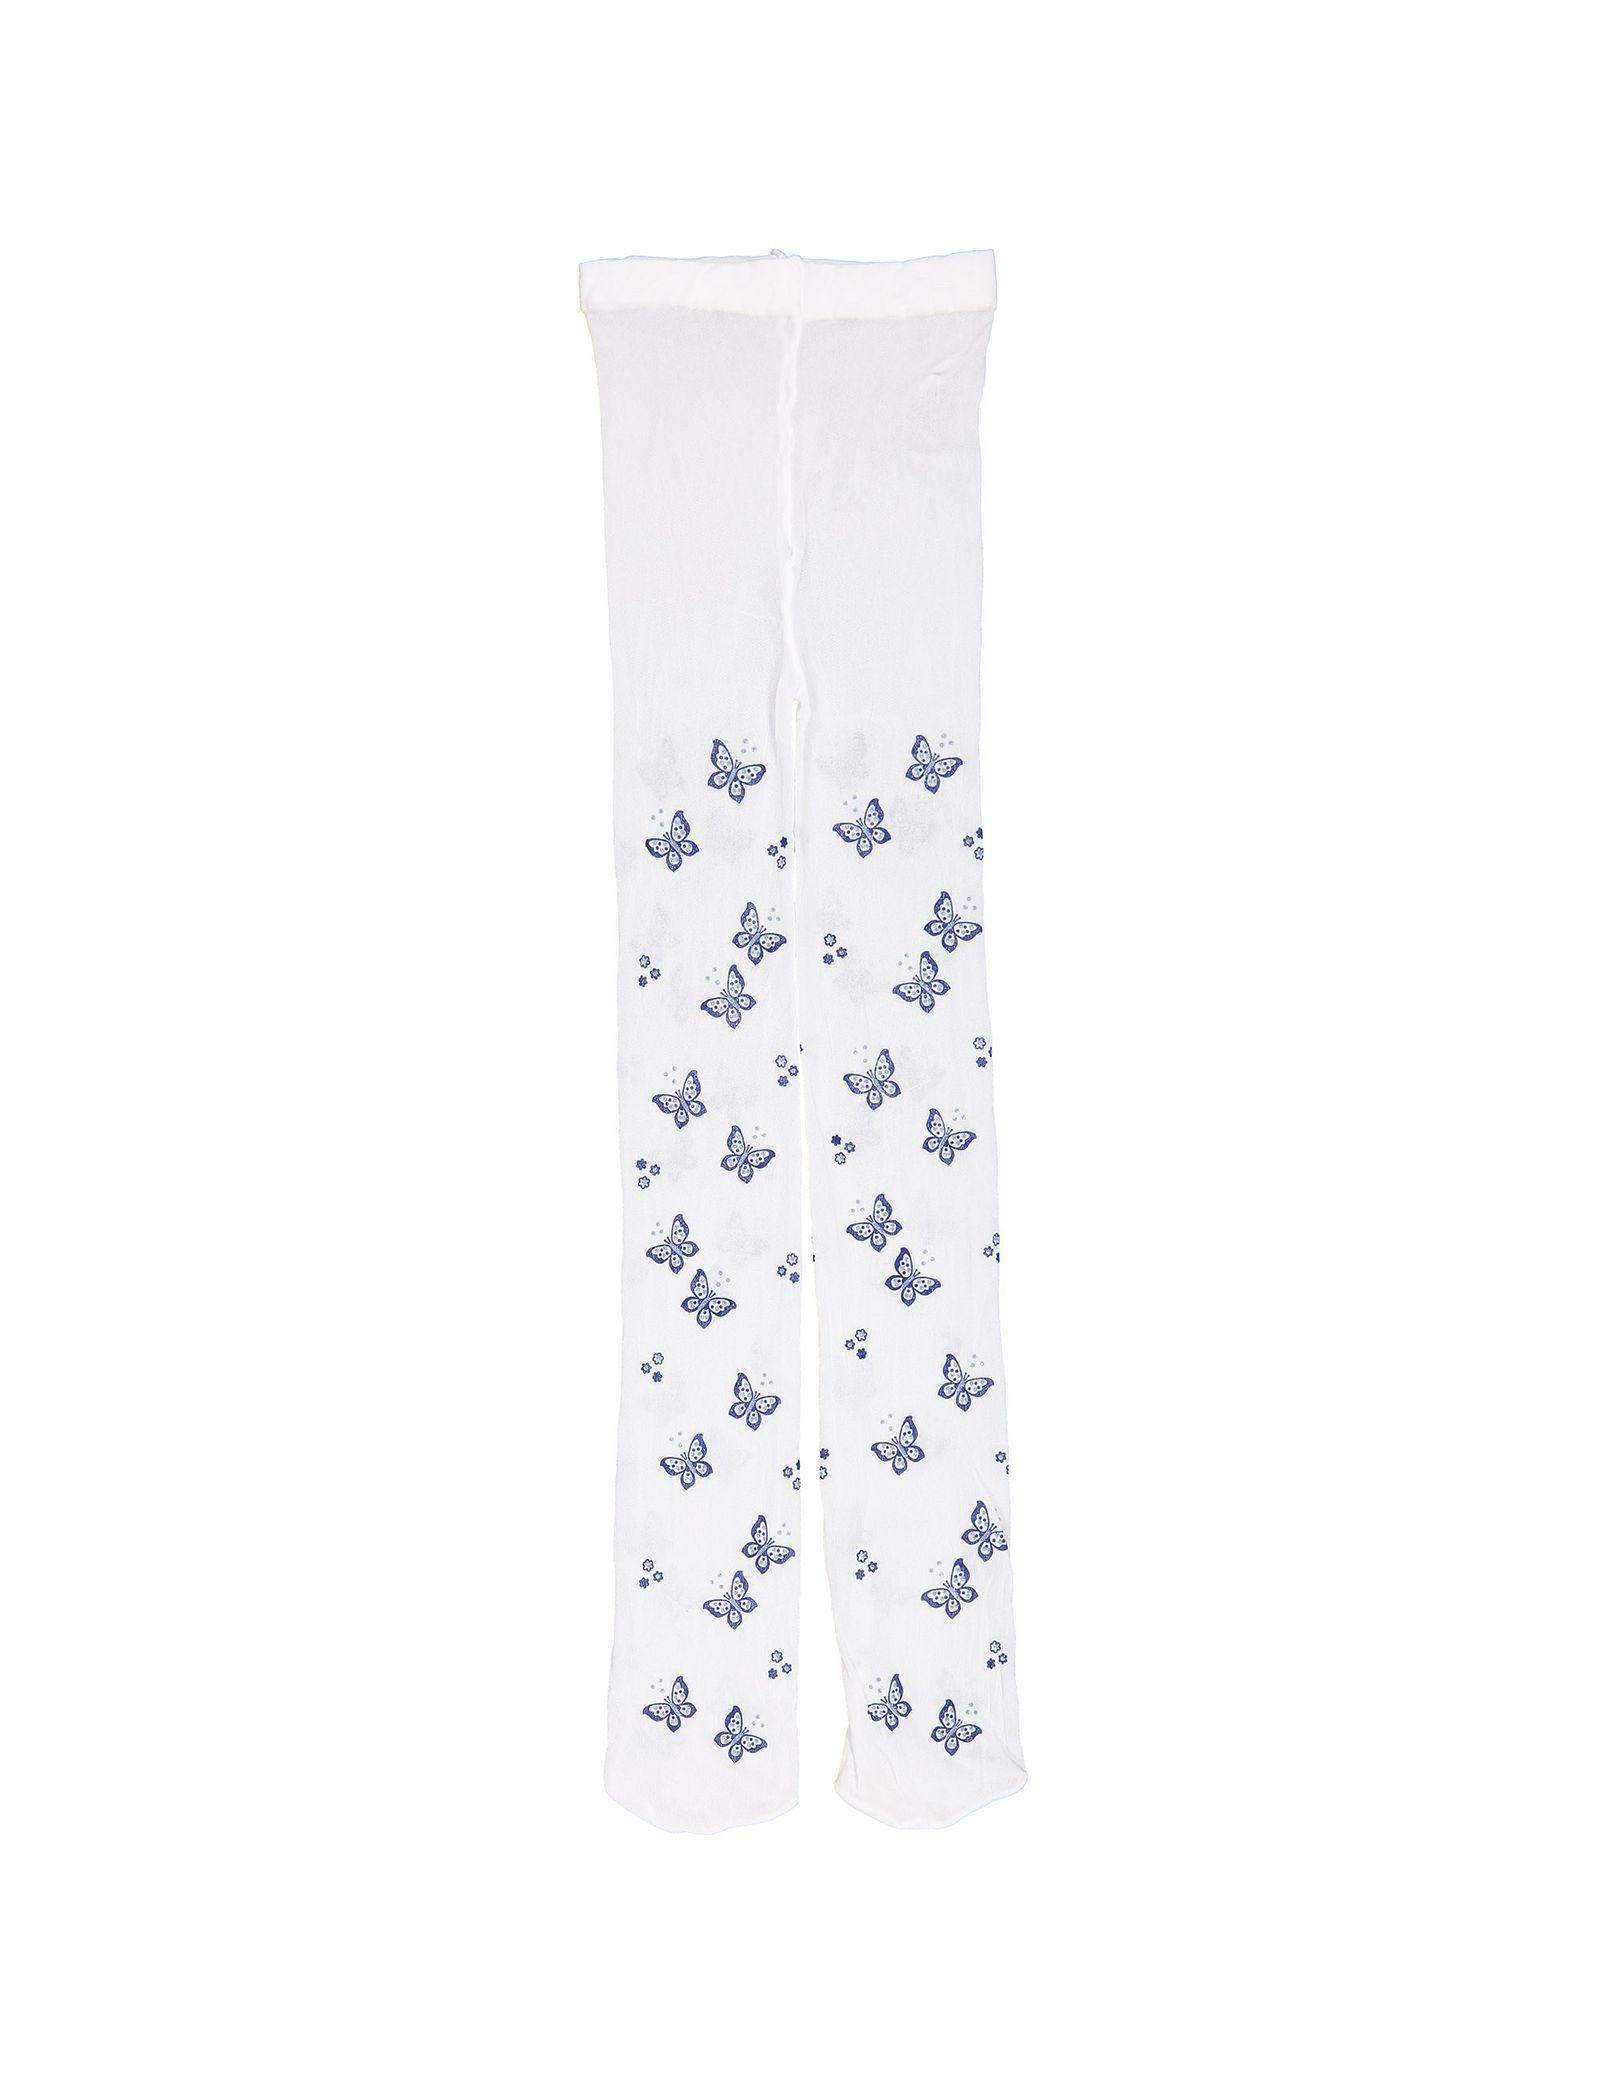 جوراب شلواری طرح دار دخترانه - بلوکیدز - سفيد - 2